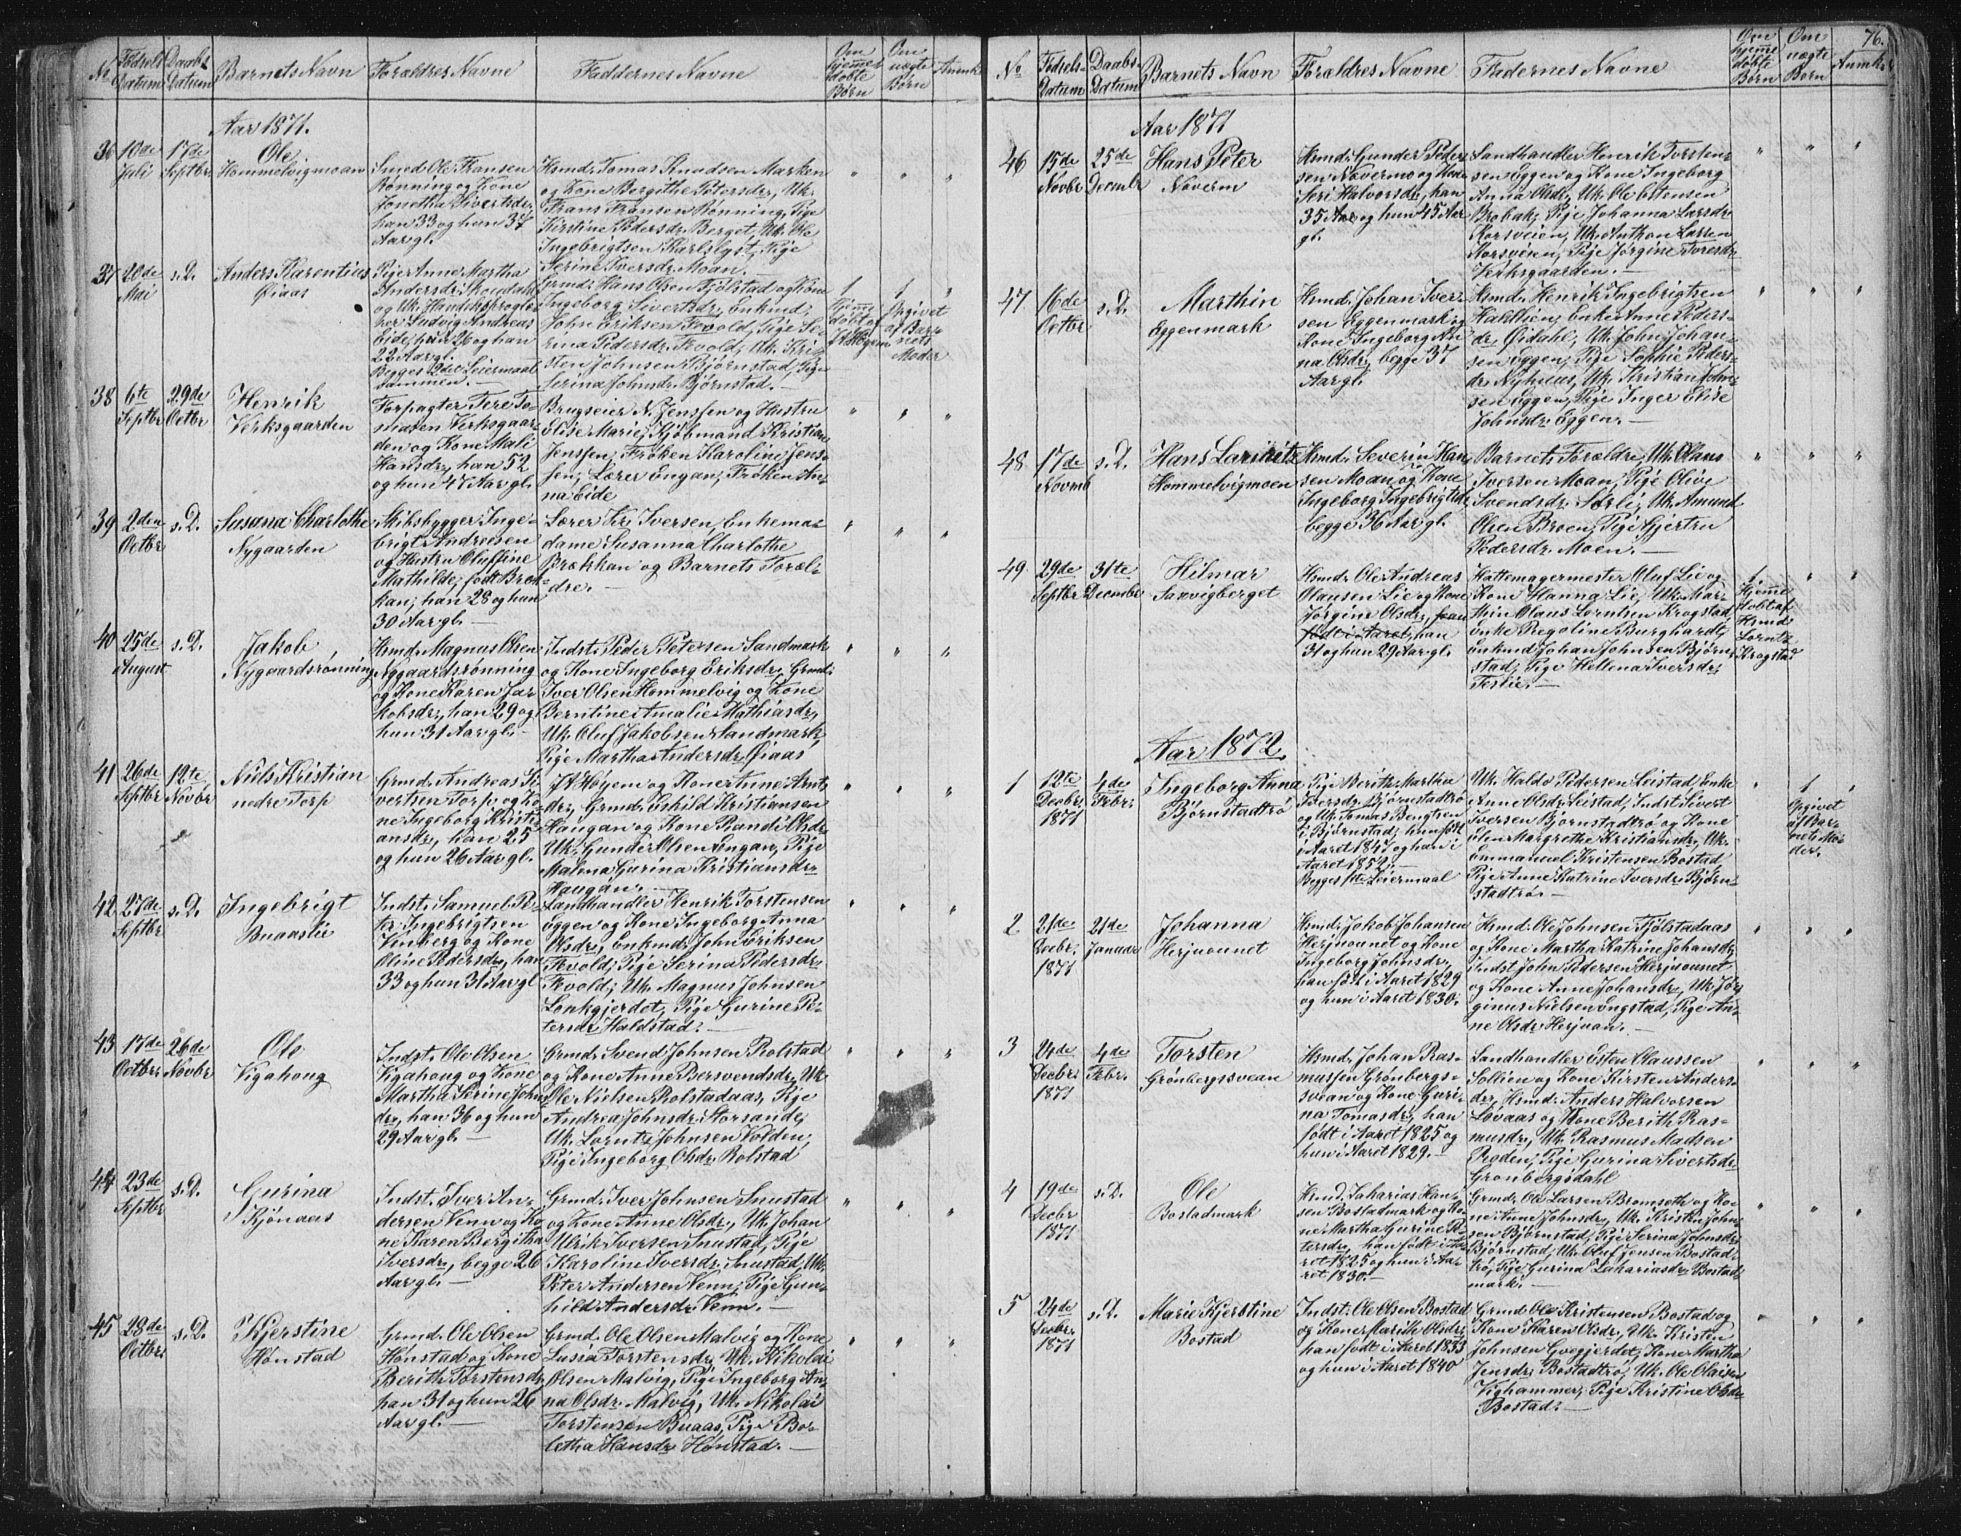 SAT, Ministerialprotokoller, klokkerbøker og fødselsregistre - Sør-Trøndelag, 616/L0406: Ministerialbok nr. 616A03, 1843-1879, s. 76